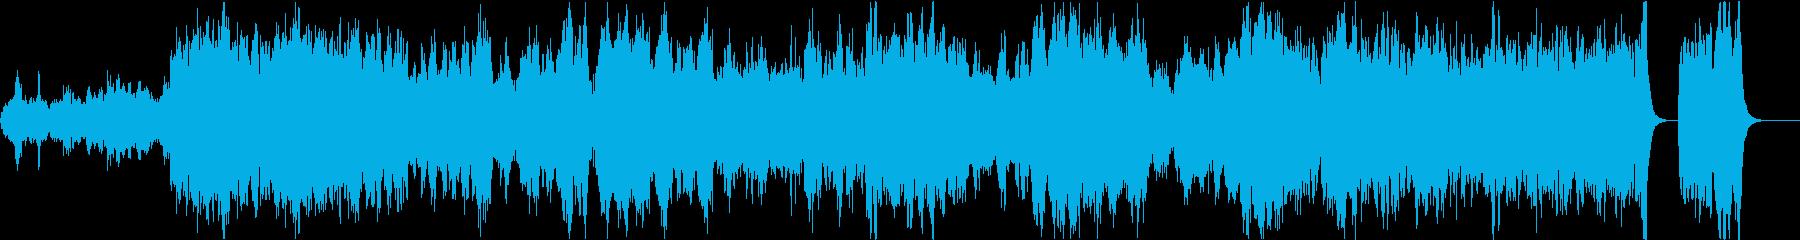 ゲオルク・フリードリヒ・ヘンデルのカバーの再生済みの波形